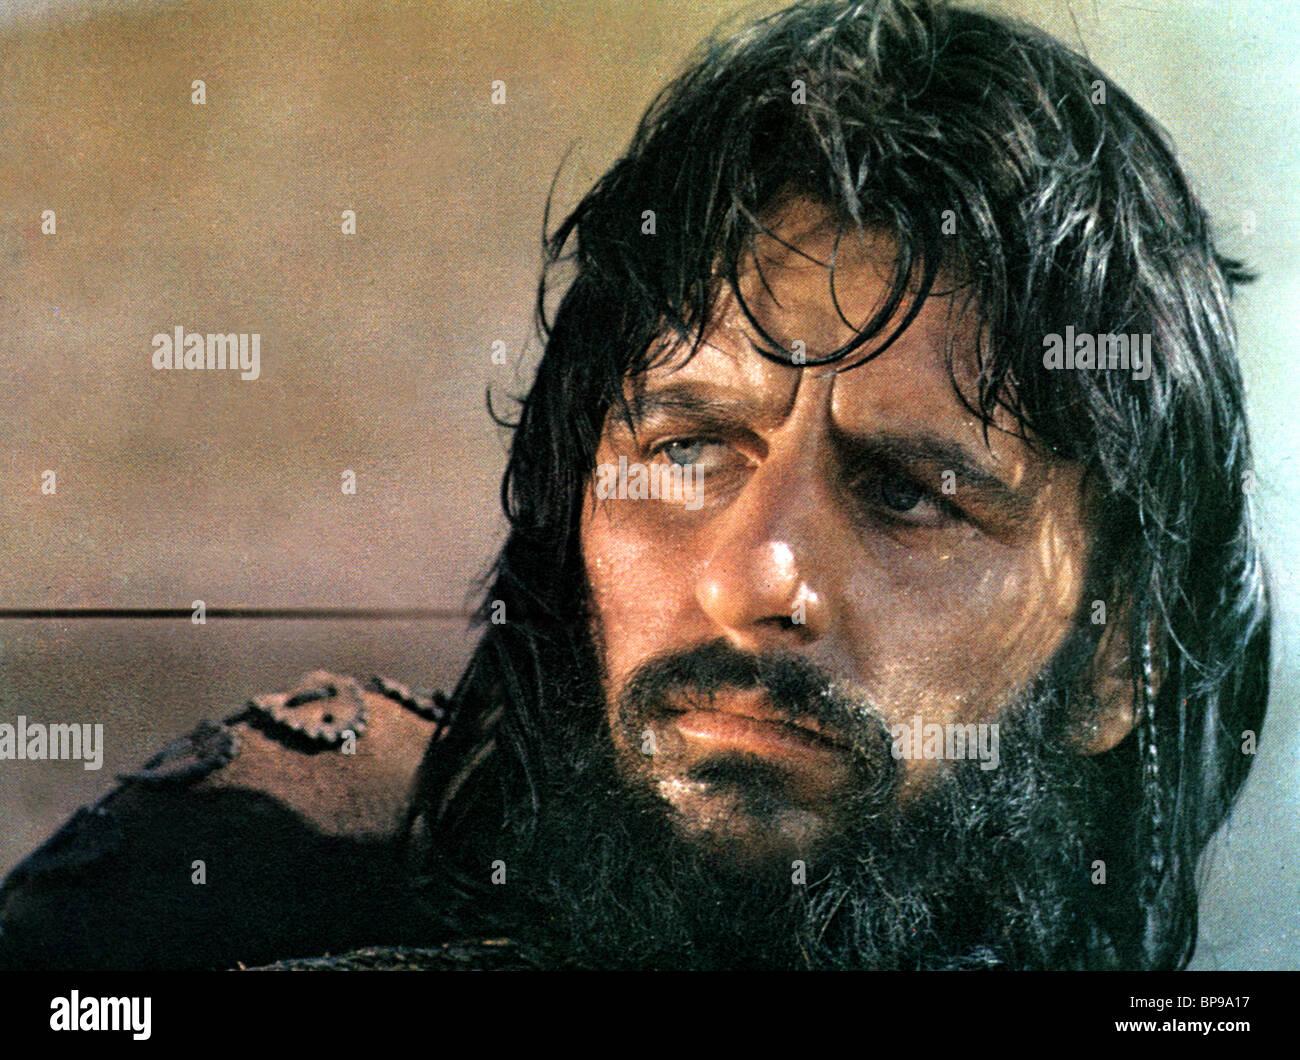 RINGO STARR BLINDMAN (1971) - Stock Image